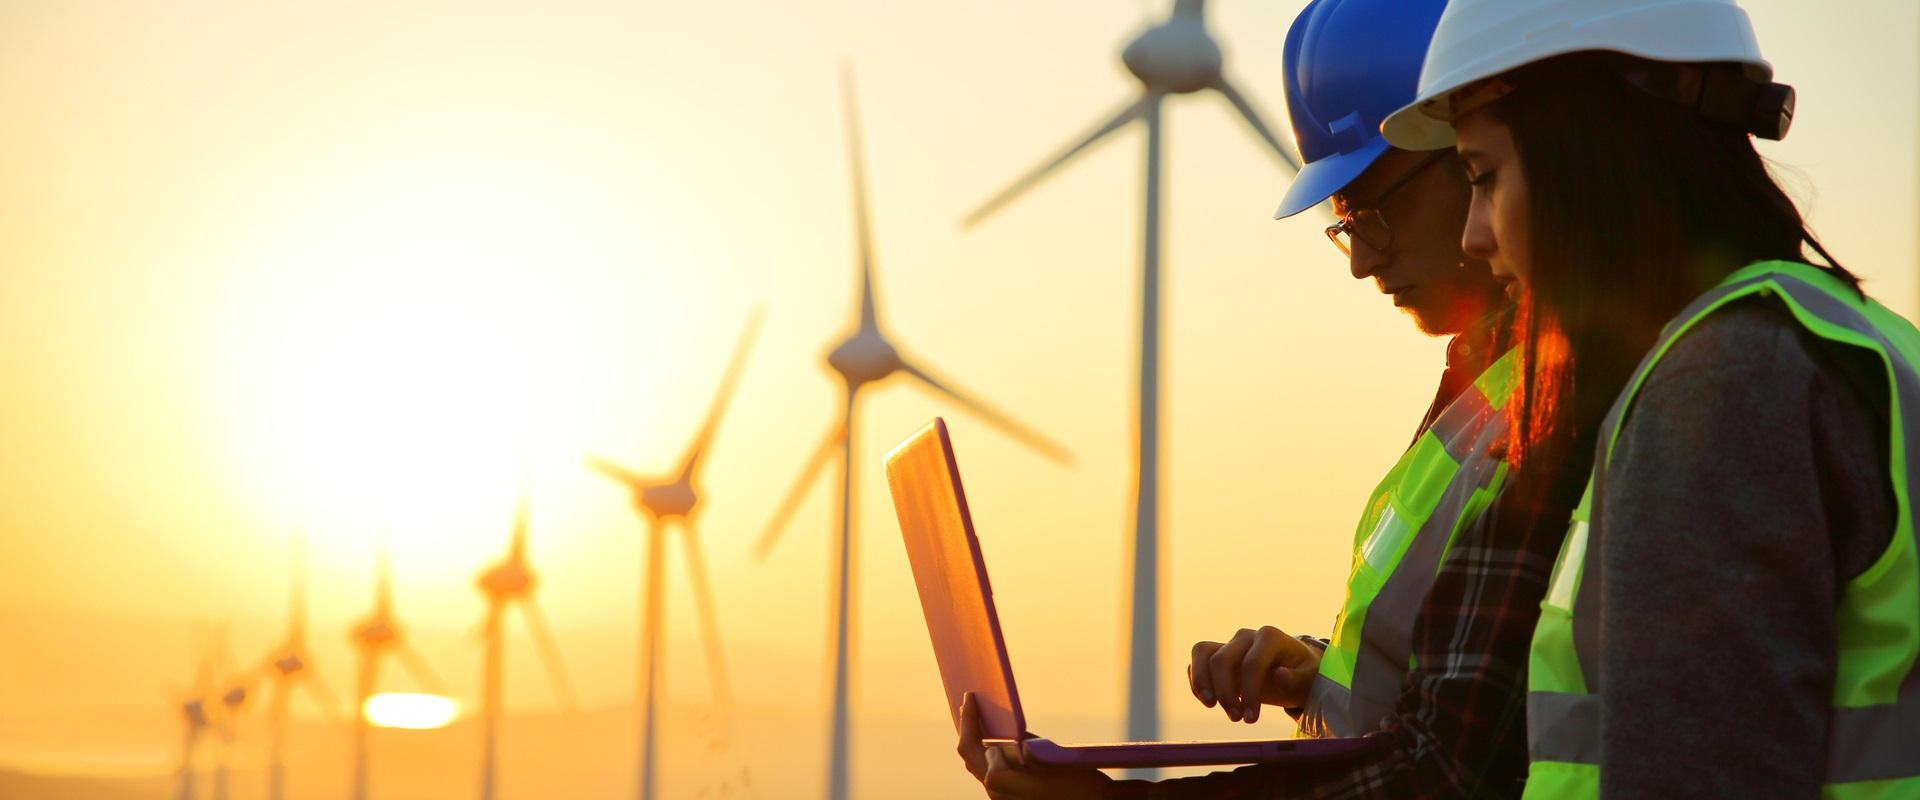 清洁 - 能源风电场 - 黄昏